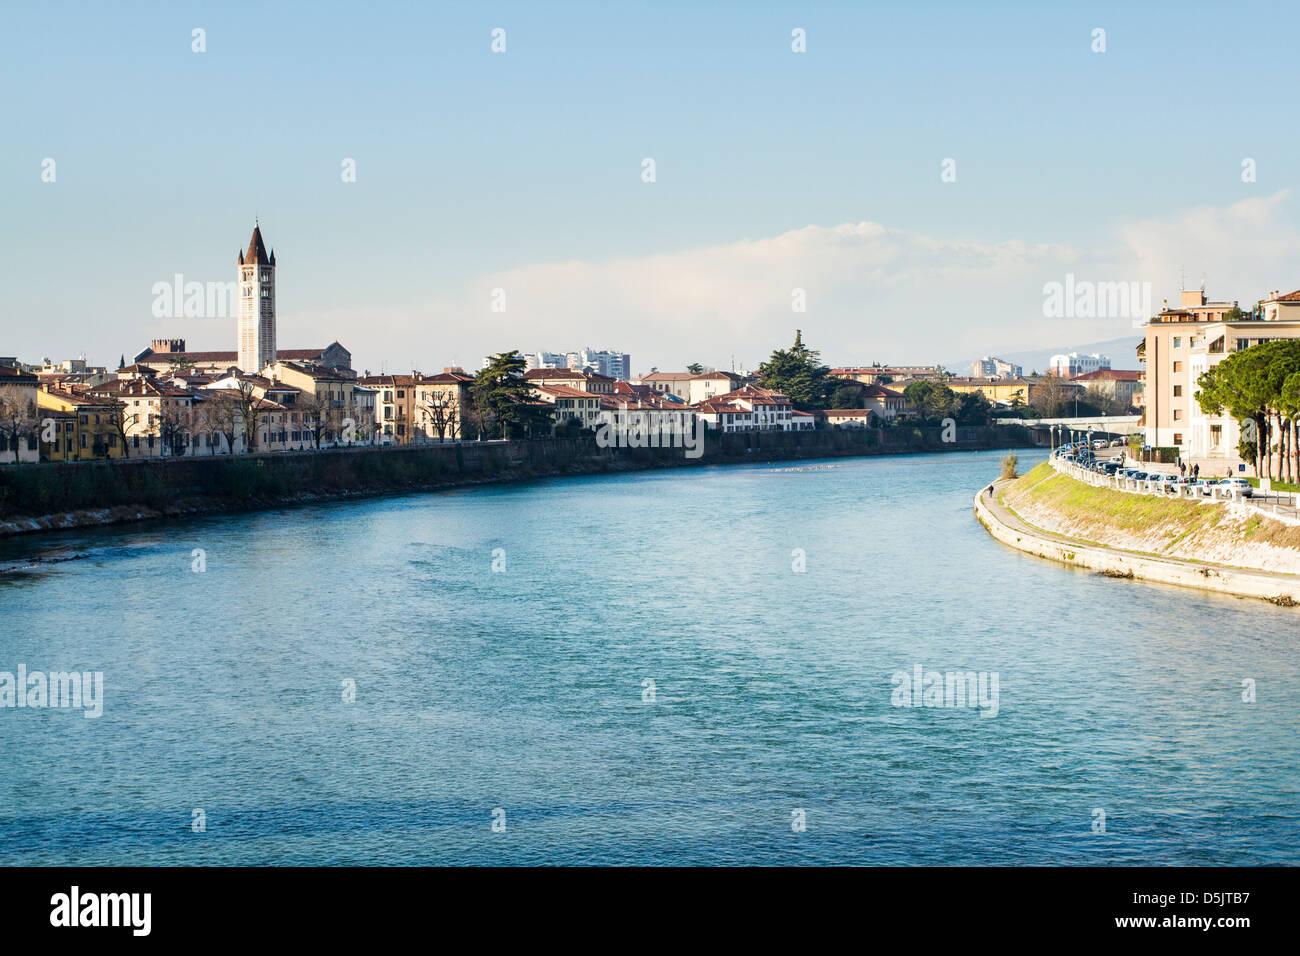 Adige River viewed from Castelvecchio Bridge (Ponte di Castelvecchio). - Stock Image